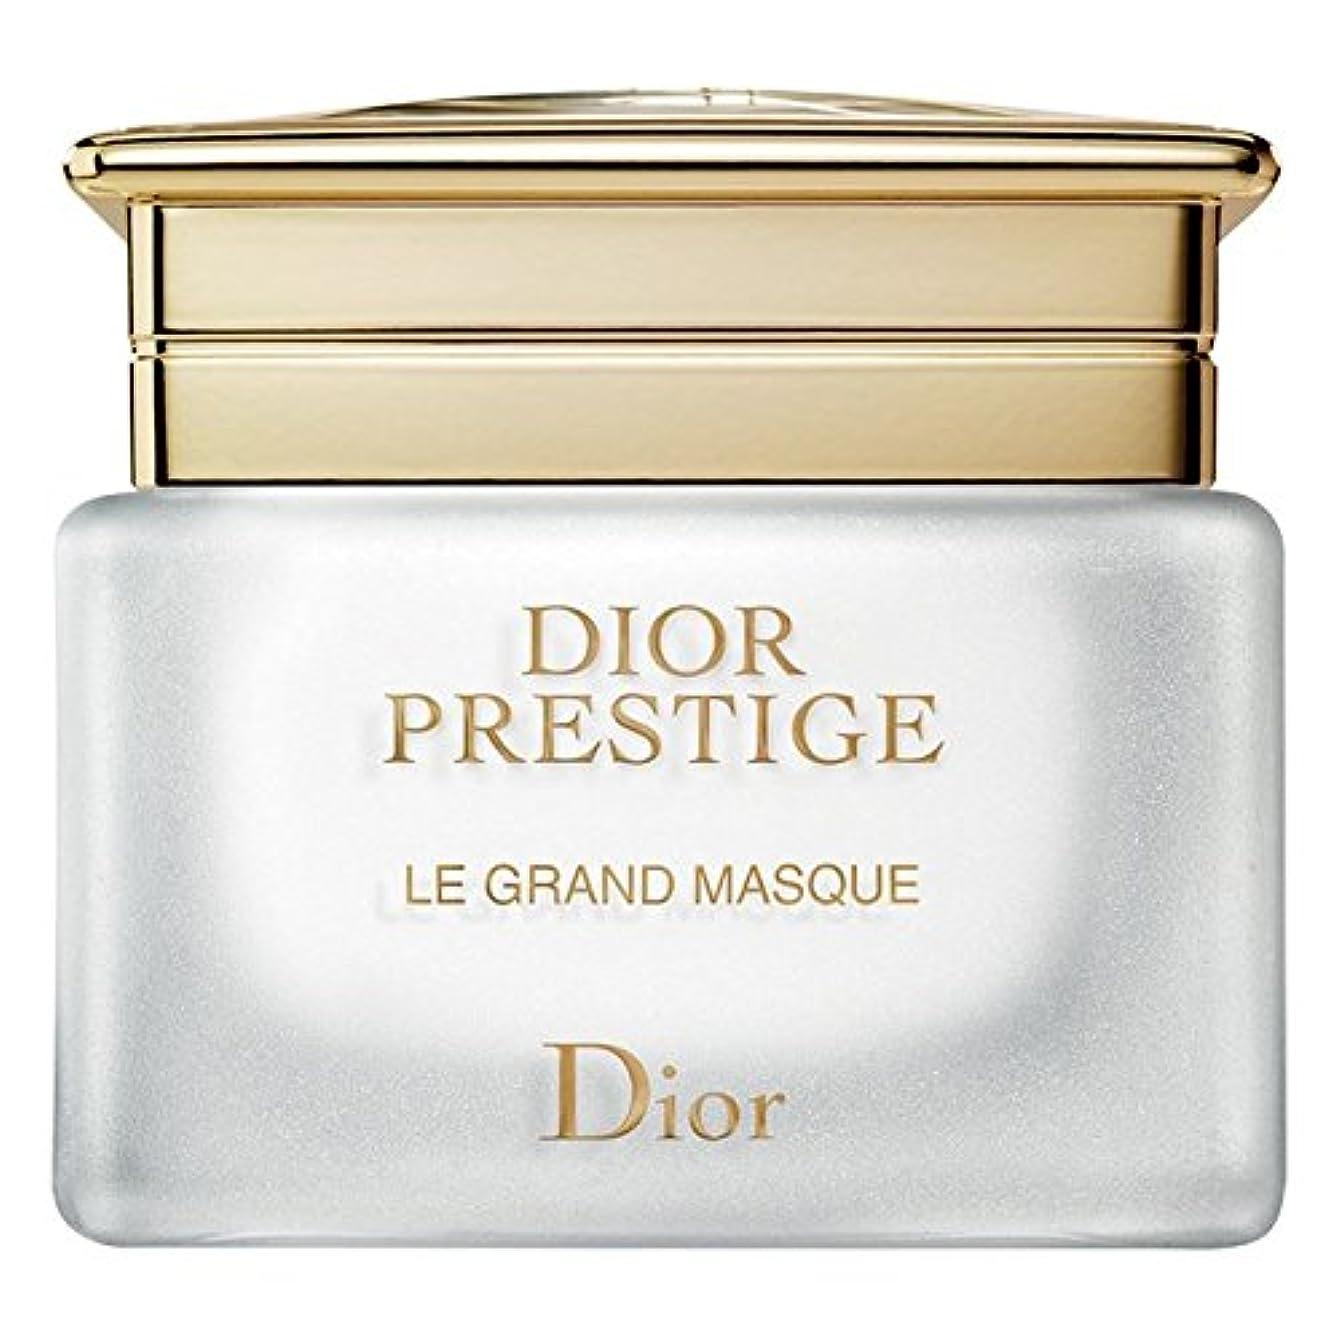 歌うチャレンジアミューズ[Dior] ディオールプレステージルグラン仮面の50ミリリットル - Dior Prestige Le Grand Masque 50ml [並行輸入品]